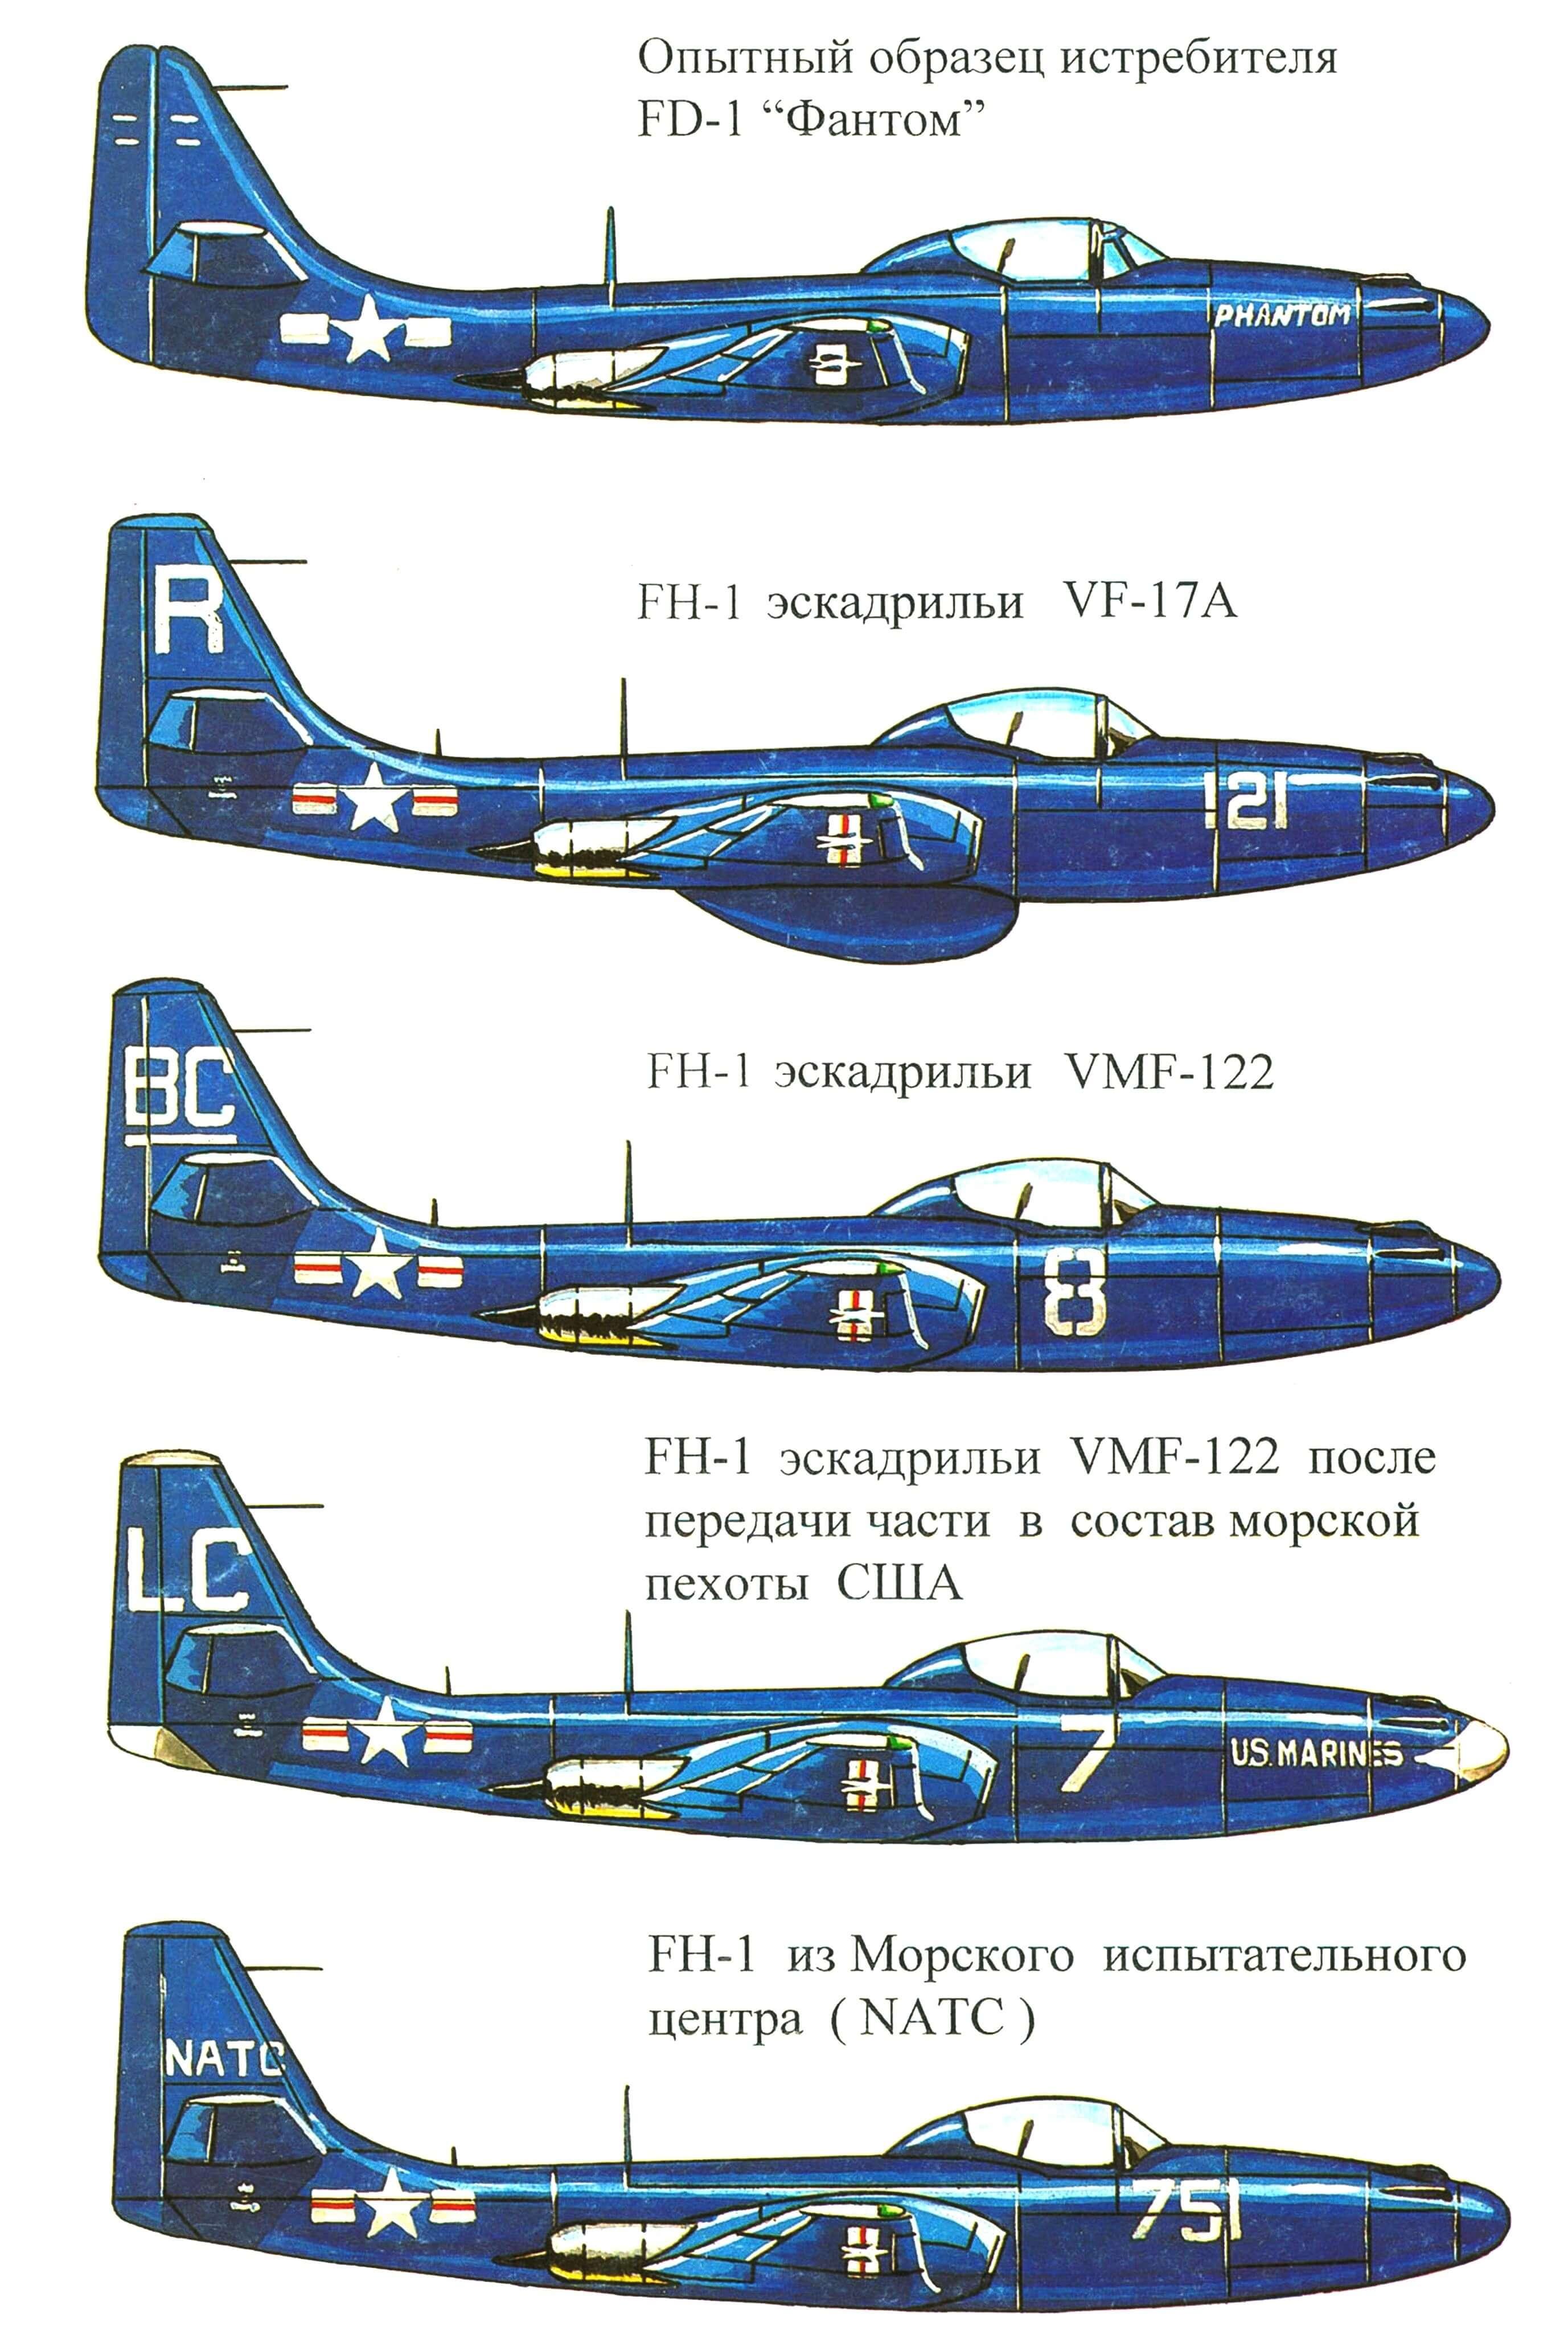 РЕАКТИВНЫЙ «ПРИЗРАК» (Истребитель FH-1 «Фантом»)